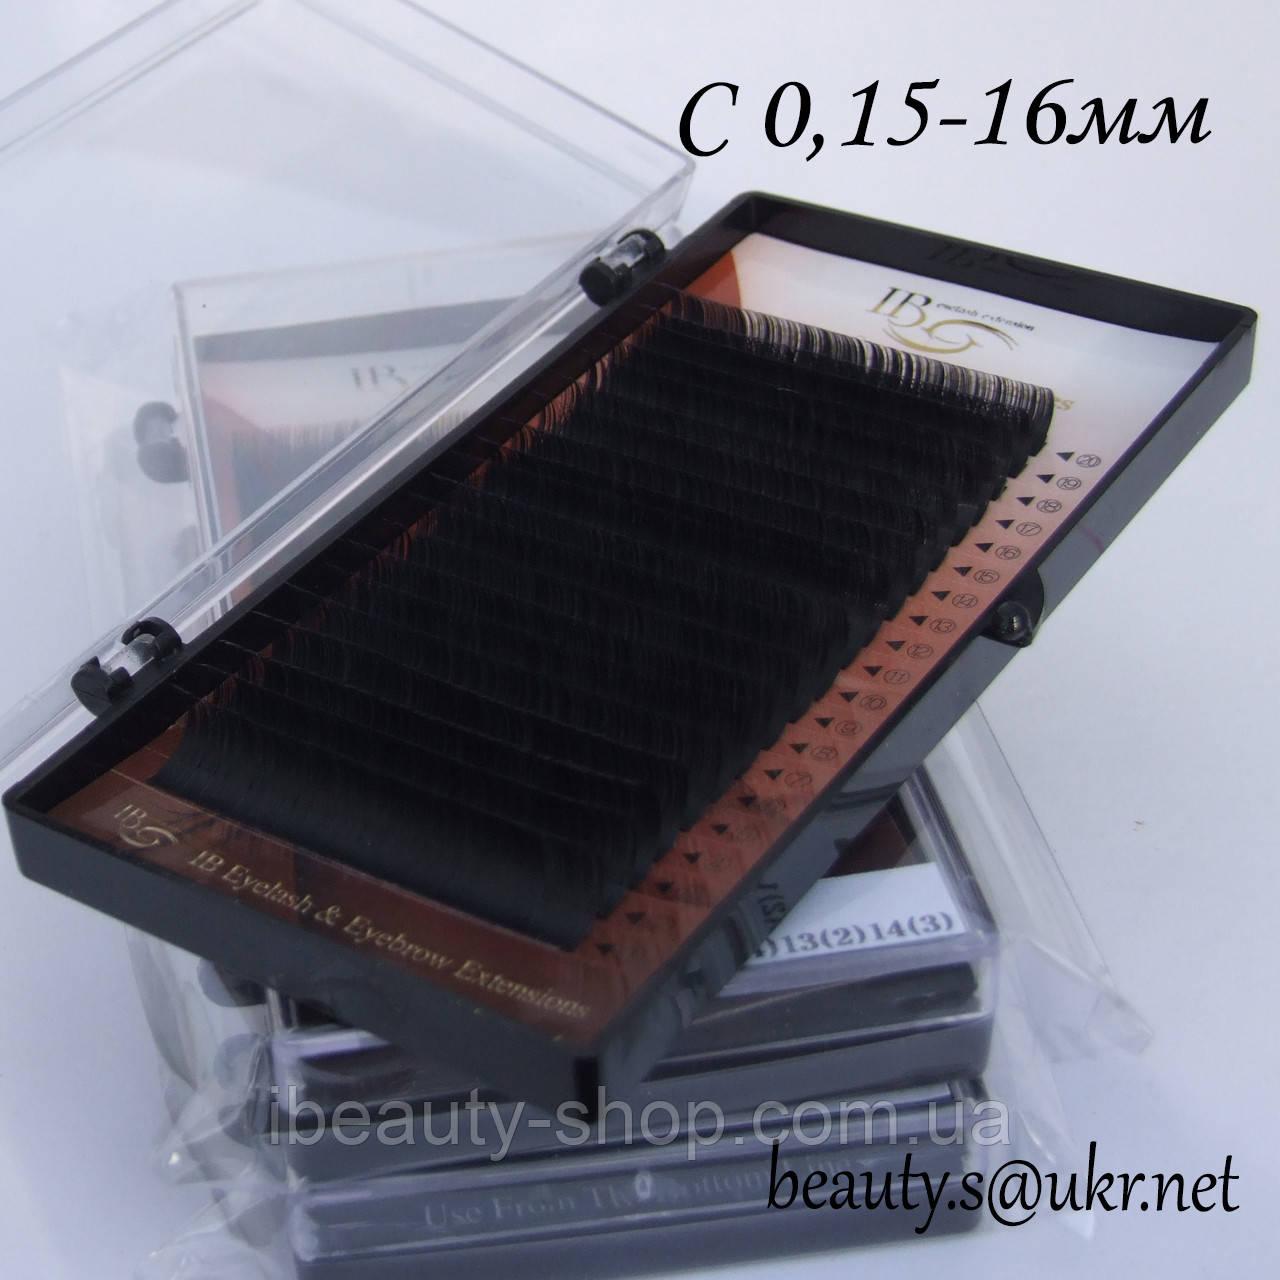 Ресницы  I-Beauty на ленте С-0,15 16мм